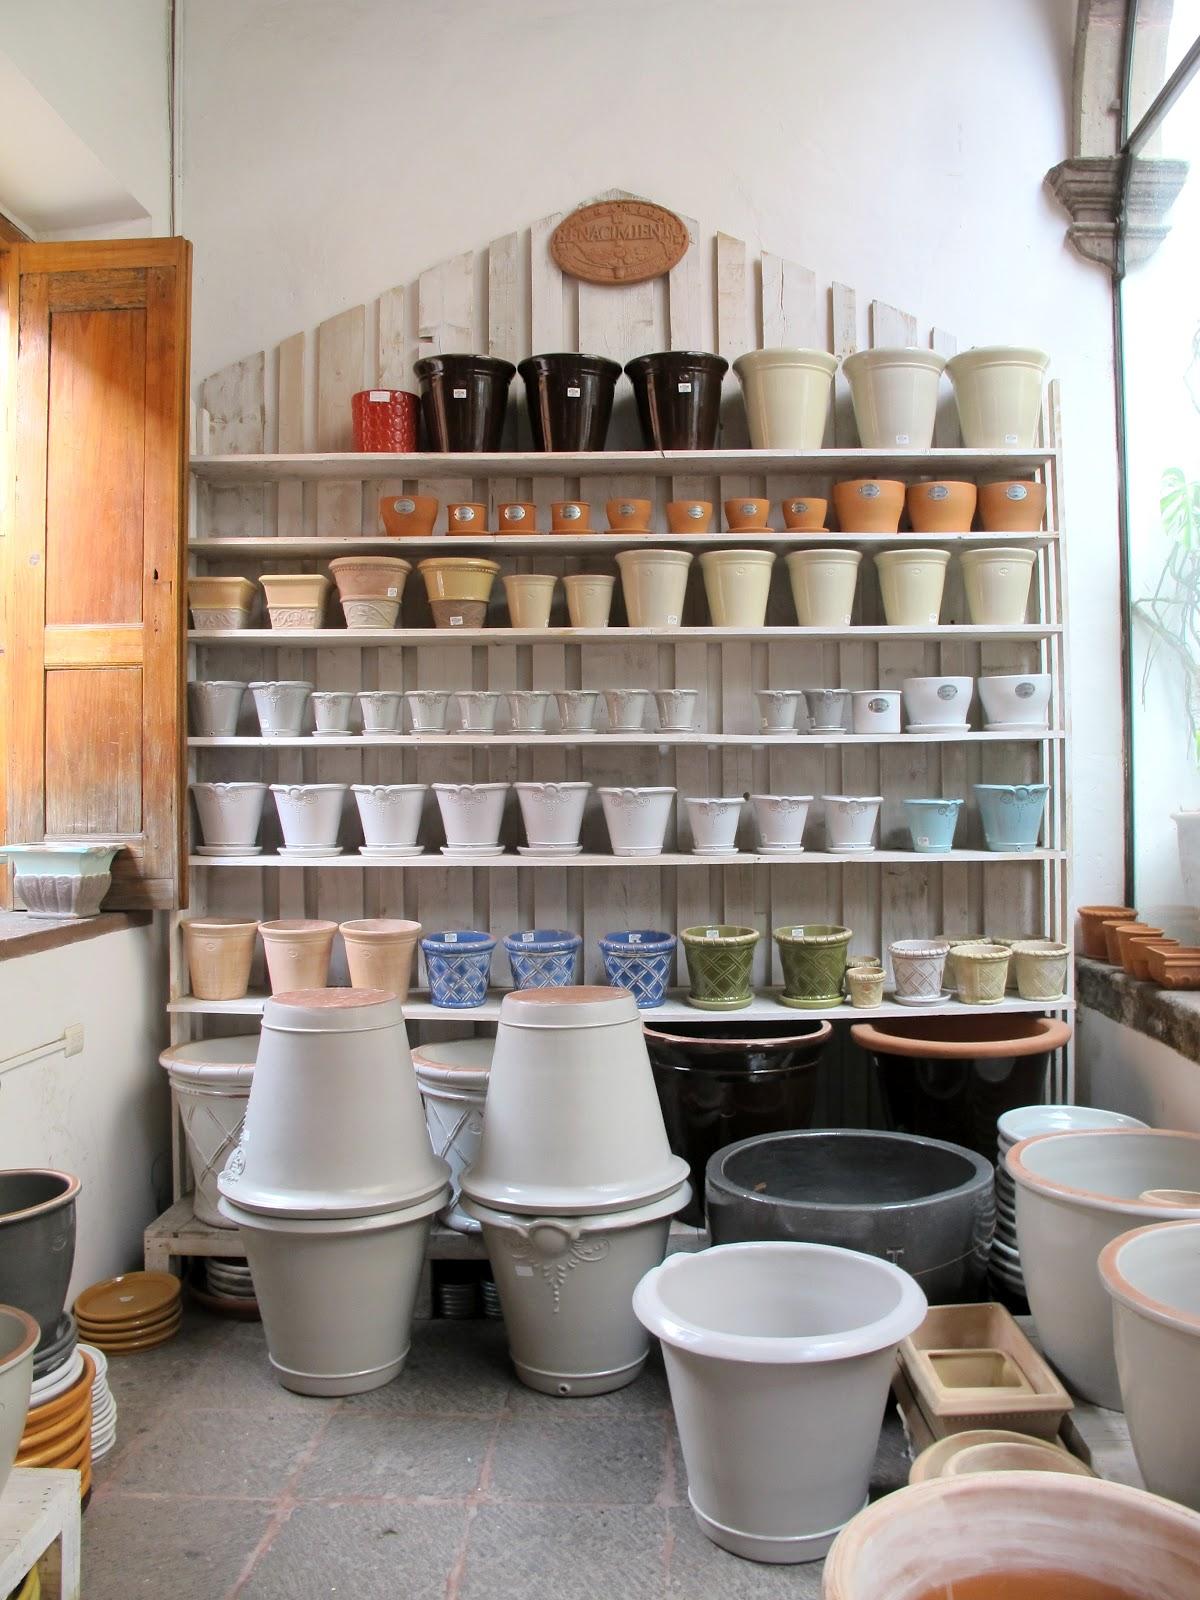 Robin Talks Cooks And Travels Trinitate A Great Ceramics